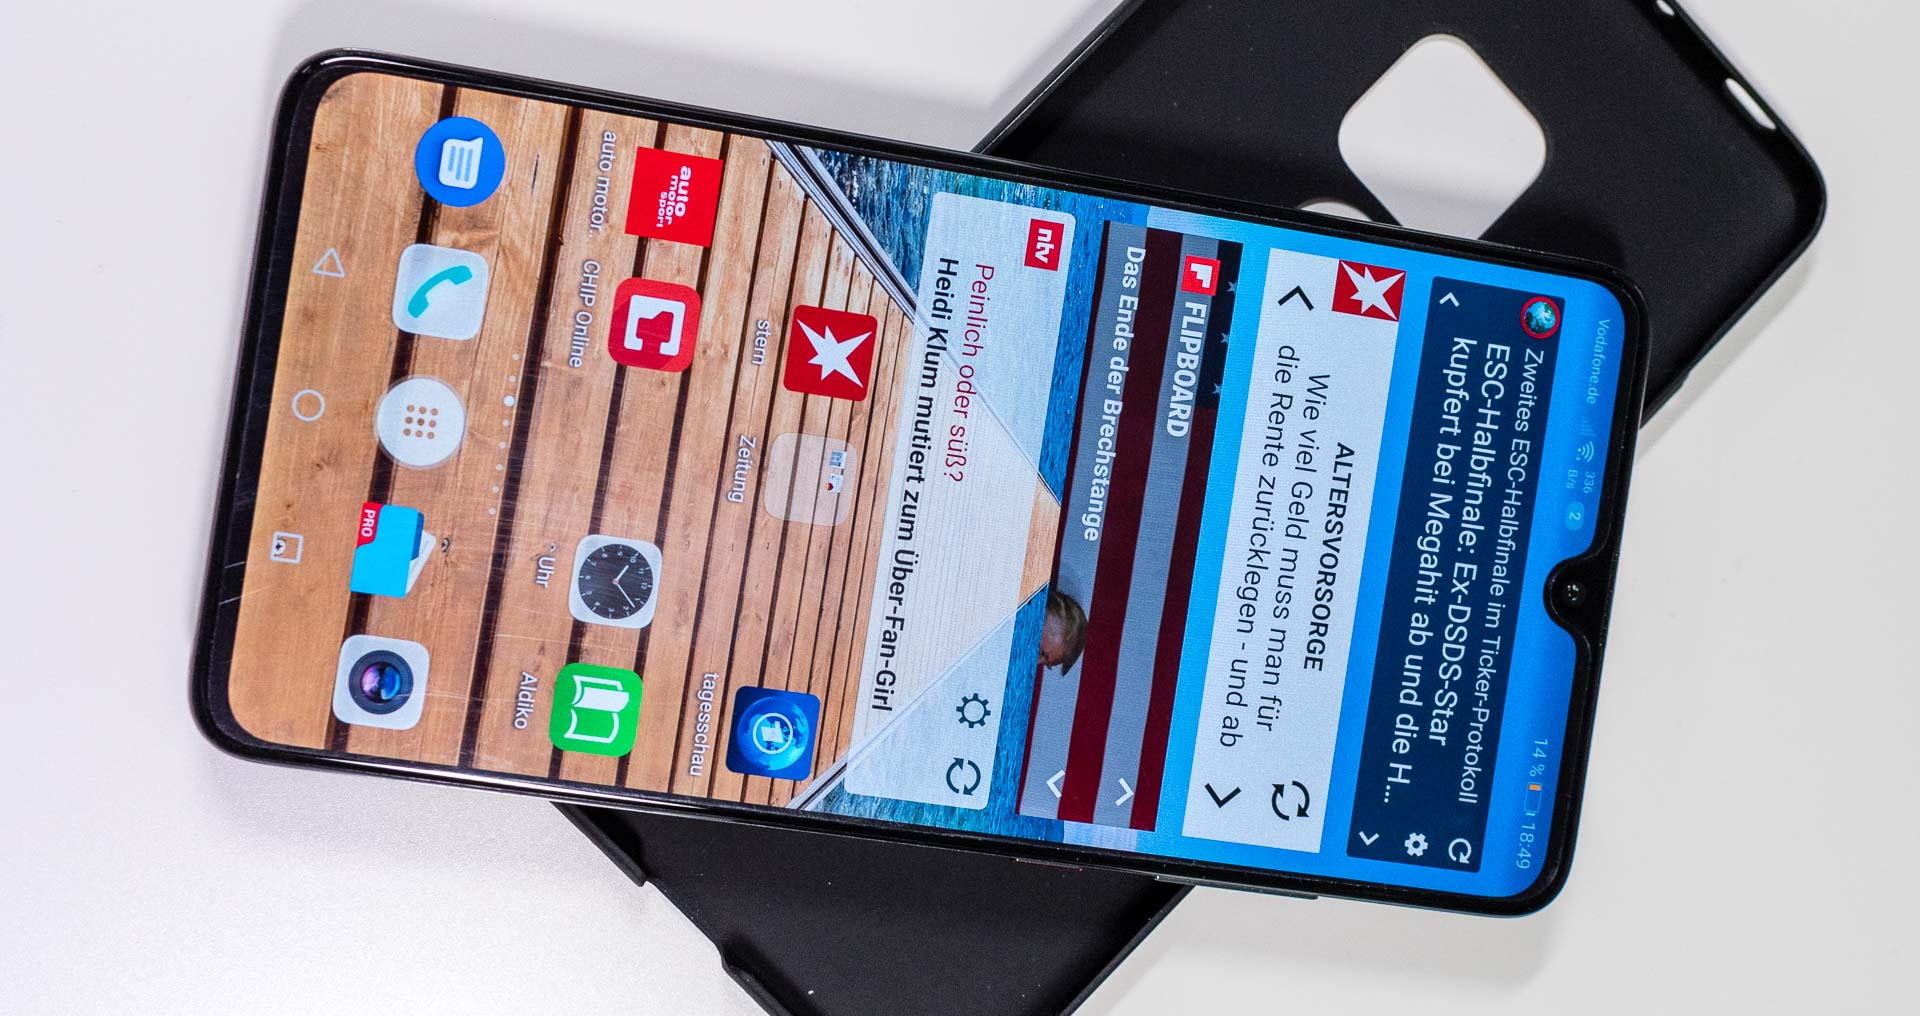 Das Huawei Mate20 Dual-SIM ersetzt mein Galaxy Note 4, meine Erfahrungen!